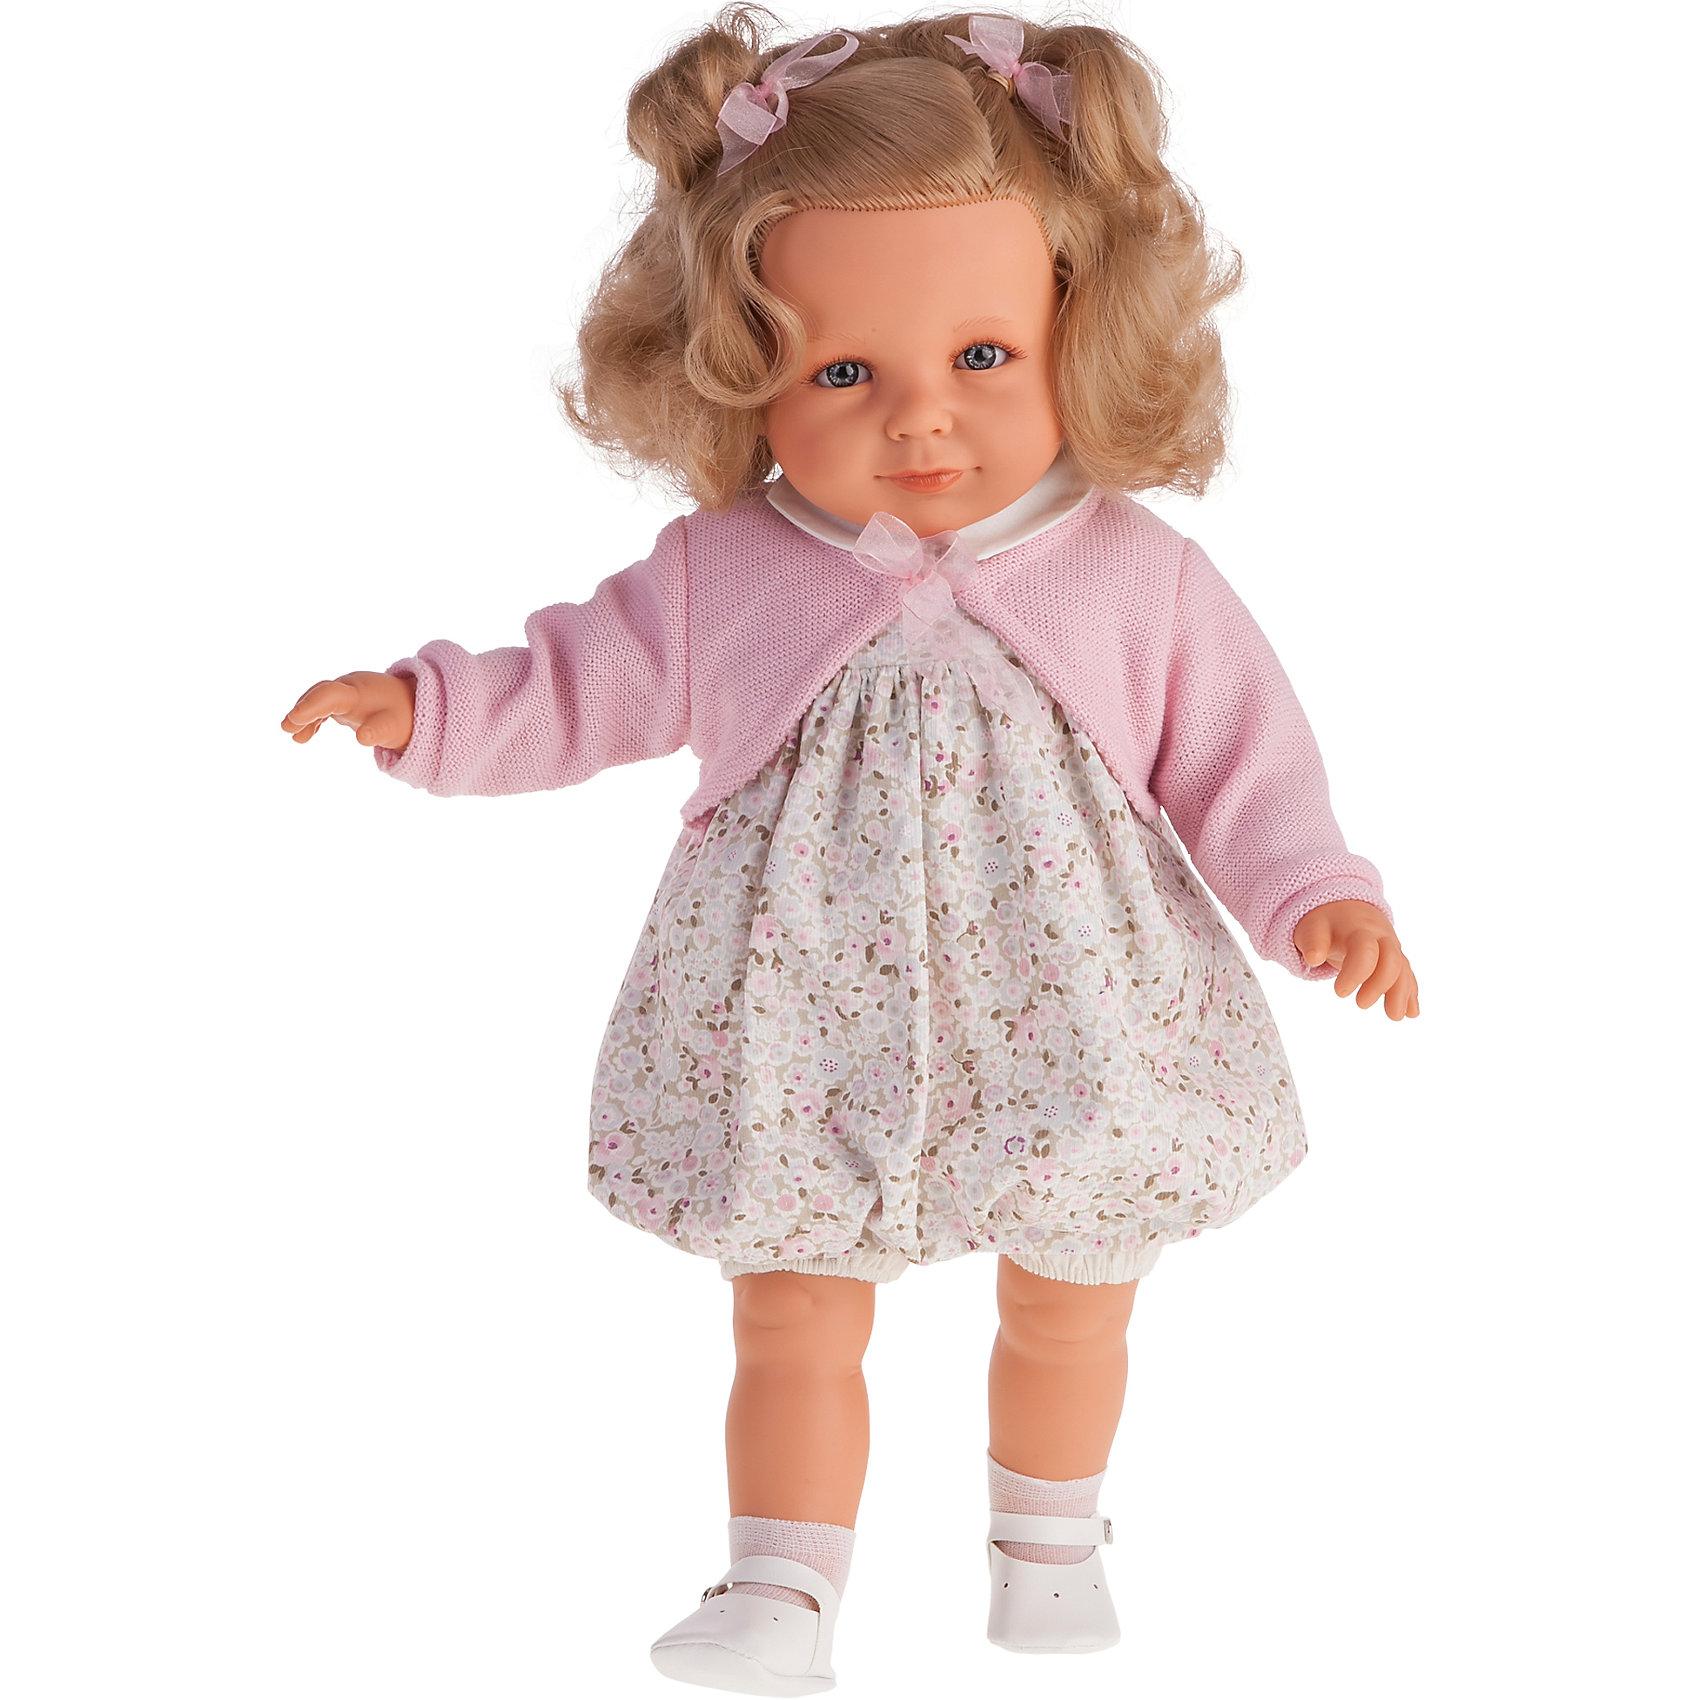 Кукла Нина в розовом, 55 см, Munecas Antonio JuanКлассические куклы<br>Кукла Нина в розовом, 55 см, Munecas Antonio Juan (Мунекас от Антонио Хуан) ? это очаровательная малышка от всемирно известного испанского бренда Мунекас от Антонио Хуан, который знаменит своими реалистичными куклами. Кукла изготовлена из винила высшего качества, ее тело ? мягконабивное. Ручки и ножки подвижны, глазки не закрываются. <br>Маленькая девочка Нина с озорными русыми локонами, с голубыми глазами, нежными чертами лица, розовыми щечками и пухленькими губками. Длинные волосы Нины позволят их укладывать в разные прически или заплетать косички. Нина уже большая девочка, она весело смеется, говорит «мама» и «папа». Эта малышка непременно станет лучшей подружкой для вашей дочери.<br>Кукла Нина в розовом, 55 см, Munecas Antonio Juan (Мунекас от Антонио Хуан) разработана с учетом анатомических особенностей и мимики младенцев. Играя с куклой, ваш ребенок реалистично проживает роль «мамы», учится ухаживать за малышом, заботиться о нем.<br>Нина ? настоящая модница. Ее нежное платьице разработано современными европейскими дизайнерами, поверх платья на Нине надето розовое болеро с завязками. На ножках носочки и белые ботиночки. Весь комплект одежды демонстрирует чувство стиля и вкуса в одежде.<br>Куклы JUAN ANTONIO munecas (Мунекас от Антонио Хуан) ? мечта девочки любого возраста!<br><br>Дополнительная информация:<br><br>- Вид игр: сюжетно-ролевые игры <br>- Дополнительные функции: смеется, говорит «мама» и «папа»<br>- Материал: пластик, винил, текстиль<br>- Высота куклы: 55 см<br>- Вес: 10 кг 050 г<br>- Батарейки: 3 шт. АА<br>- Особенности ухода: одежда ? ручная стирка, саму куклу мыть не рекомендуется <br><br>Подробнее:<br><br>• Для детей в возрасте: от 3 лет и до 6 лет<br>• Страна производитель: Испания<br>• Торговый бренд: JUAN ANTONIO munecas <br><br>Куклу Нину в розовом, 55 см, Munecas Antonio Juan (Мунекас от Антонио Хуан) можно купить в нашем интернет-магазине.<br><br>Ширина мм: 590<br>Глуби